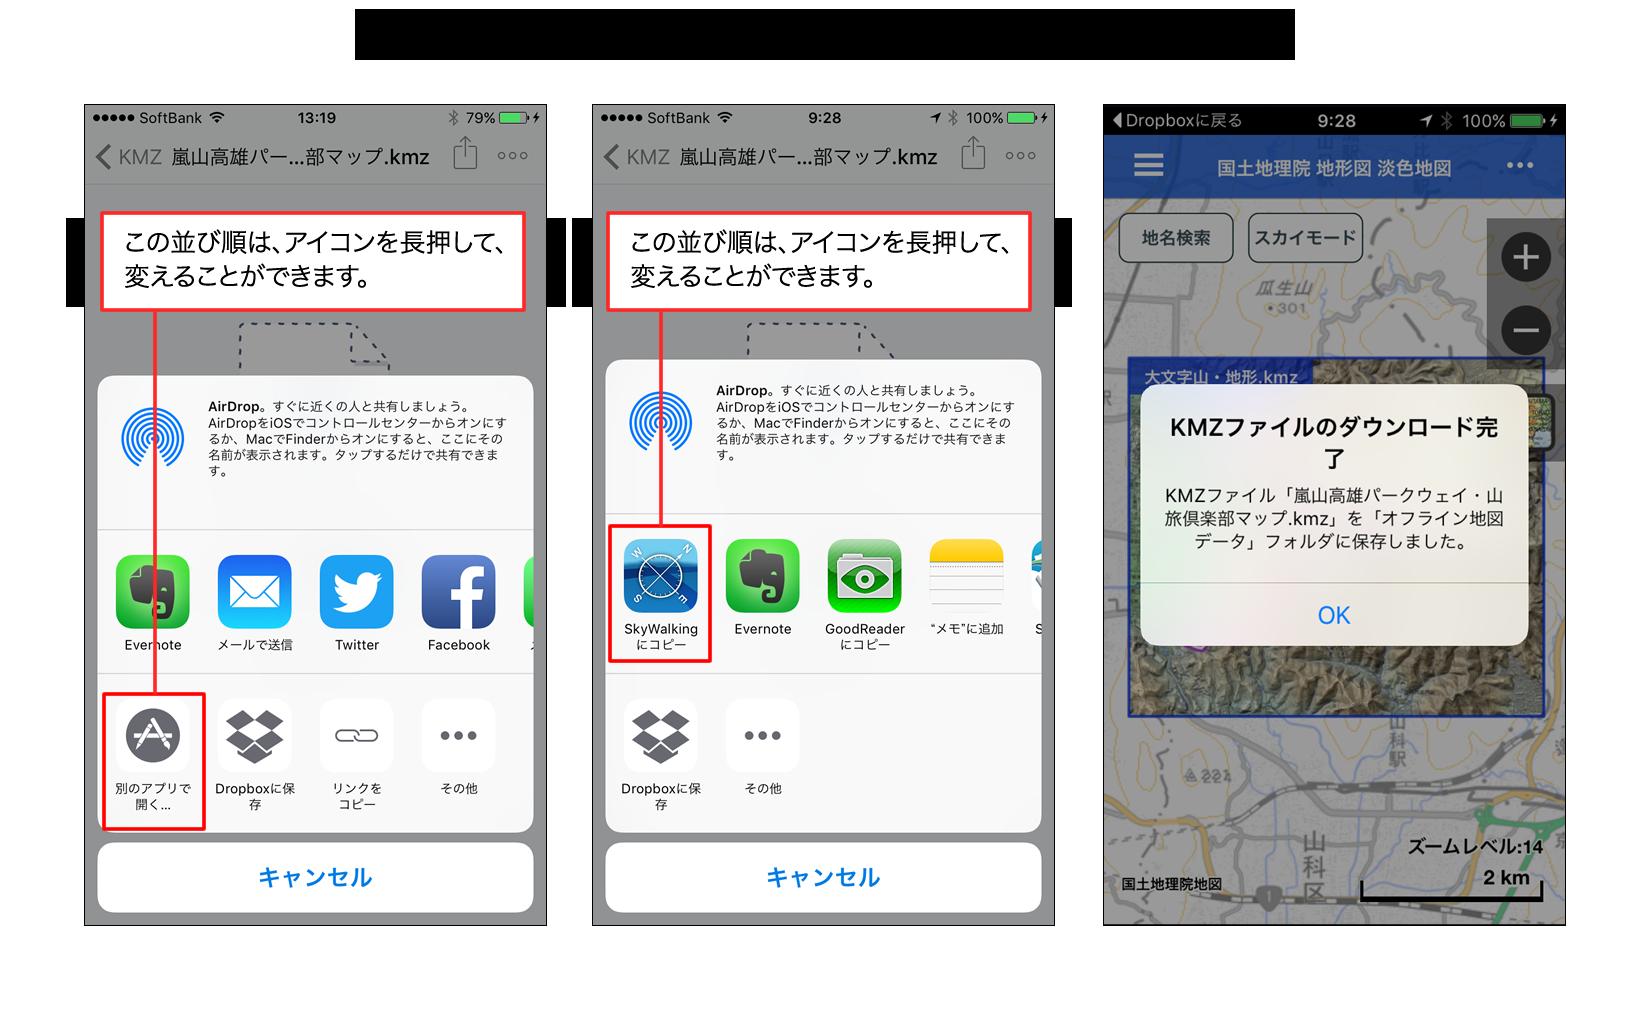 「別のアプリで開く」から、「SkyWalking にコピー」を選択